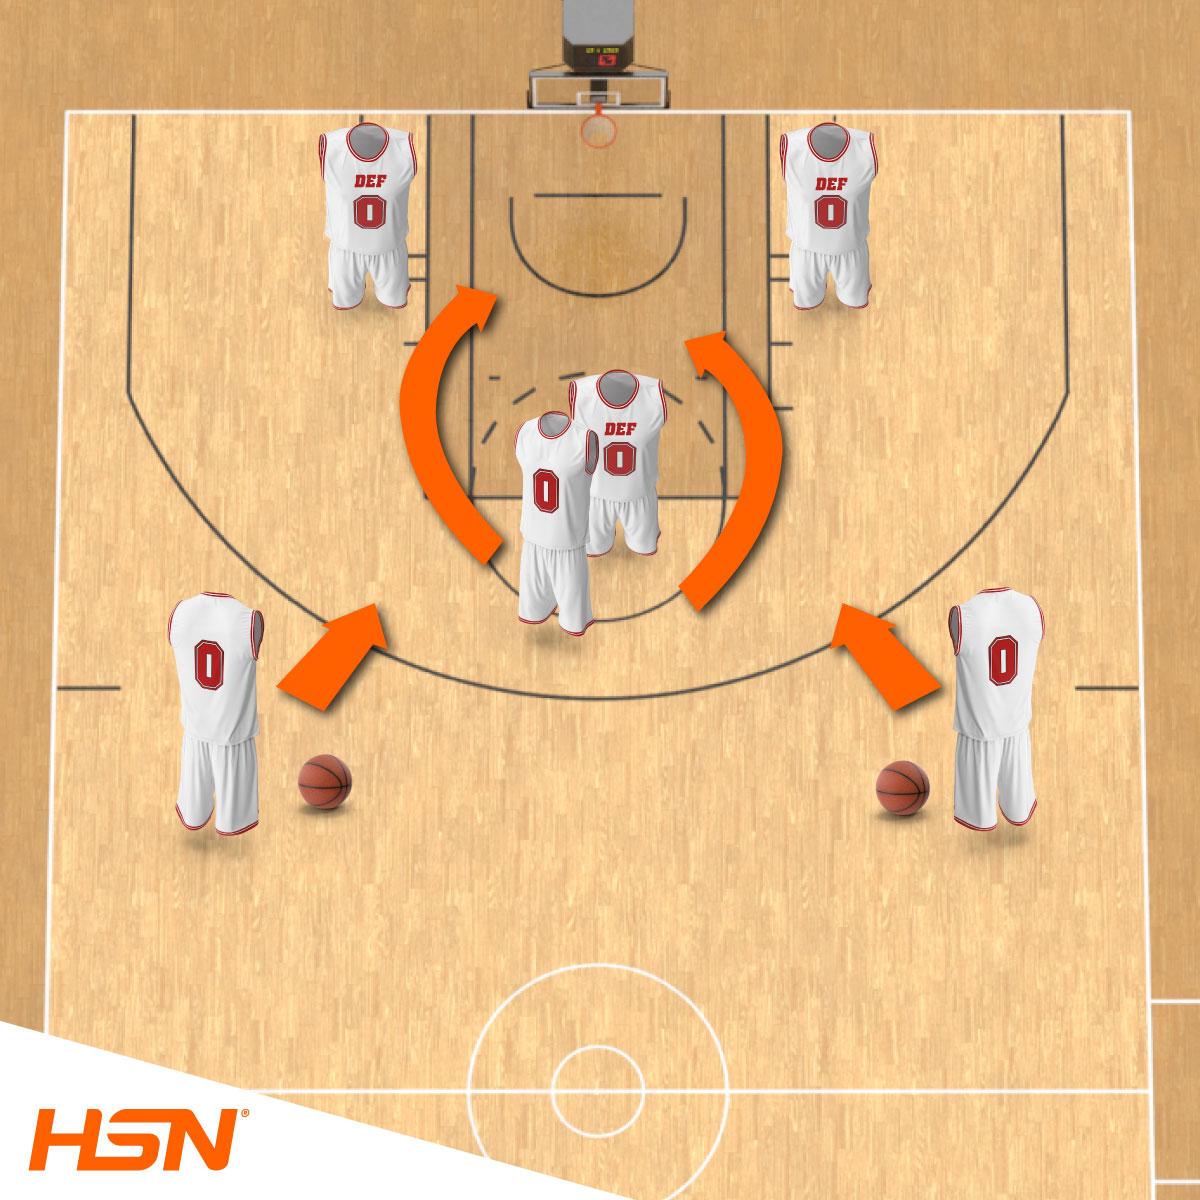 Exercices pour l'entraînement fonctionnel pivots basketball